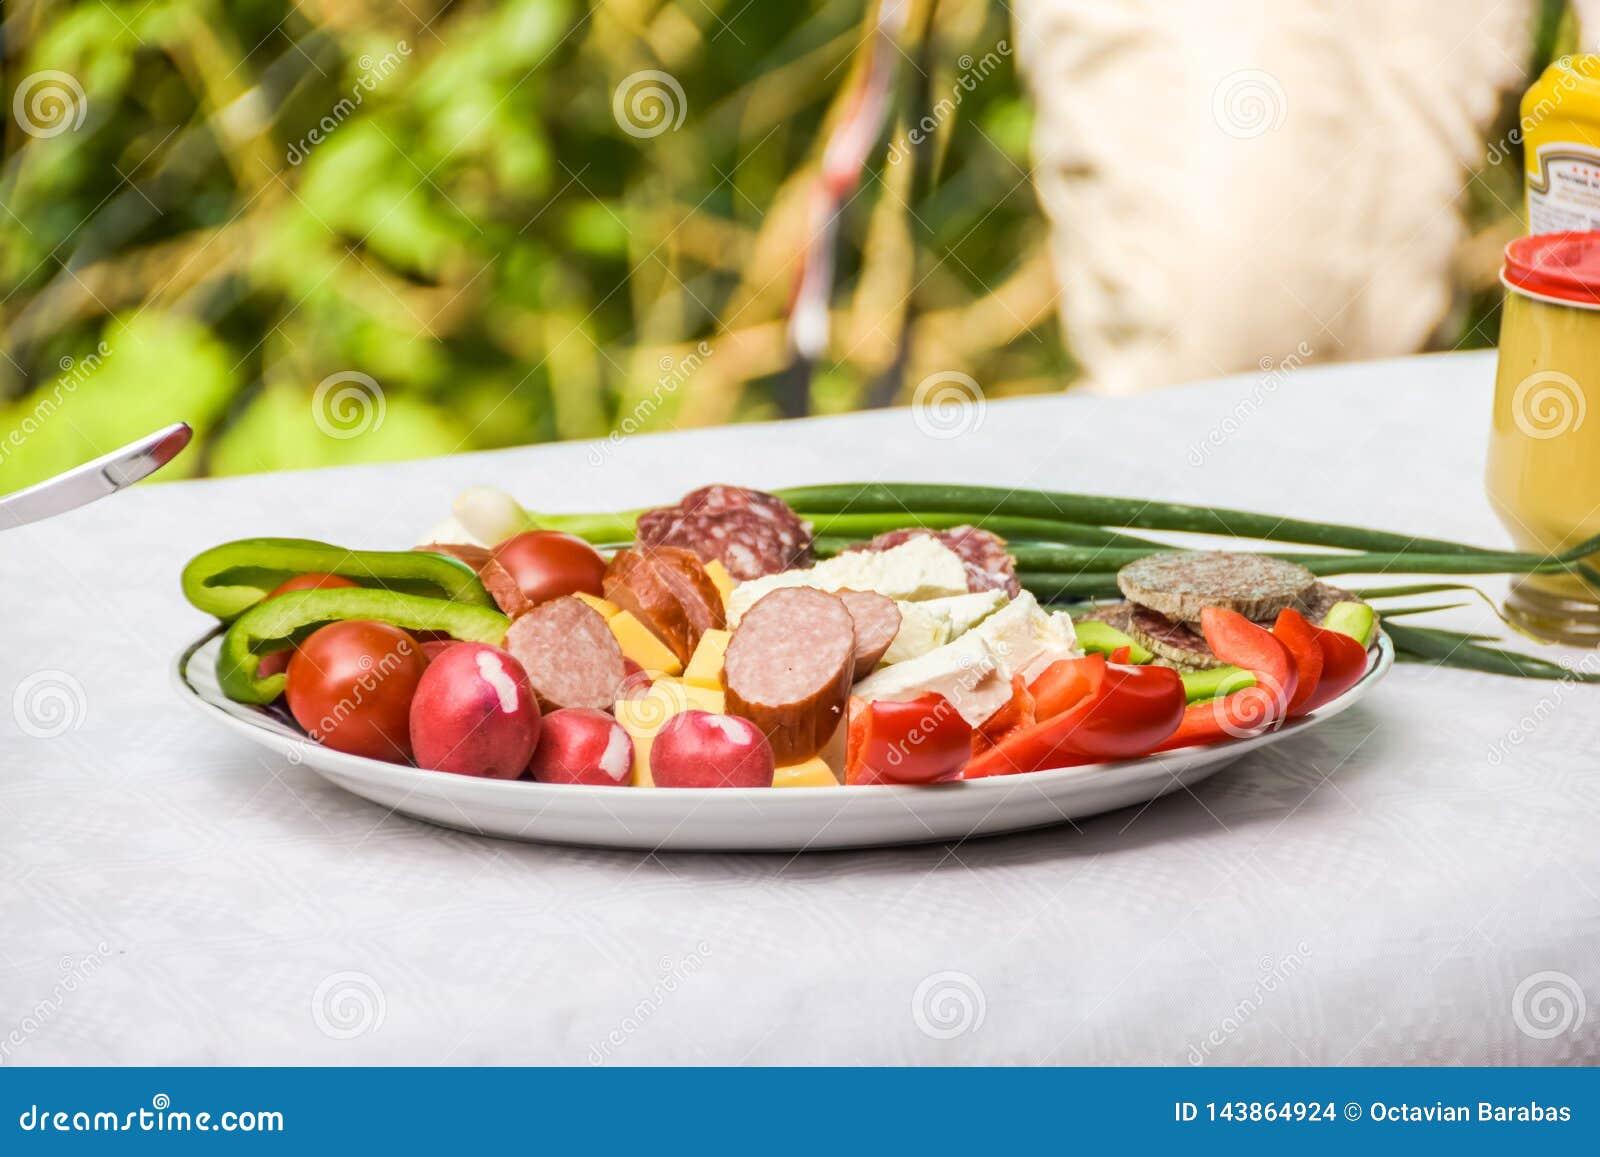 Placa do aperitivo do estilo de Balcãs com salsicha e queijo